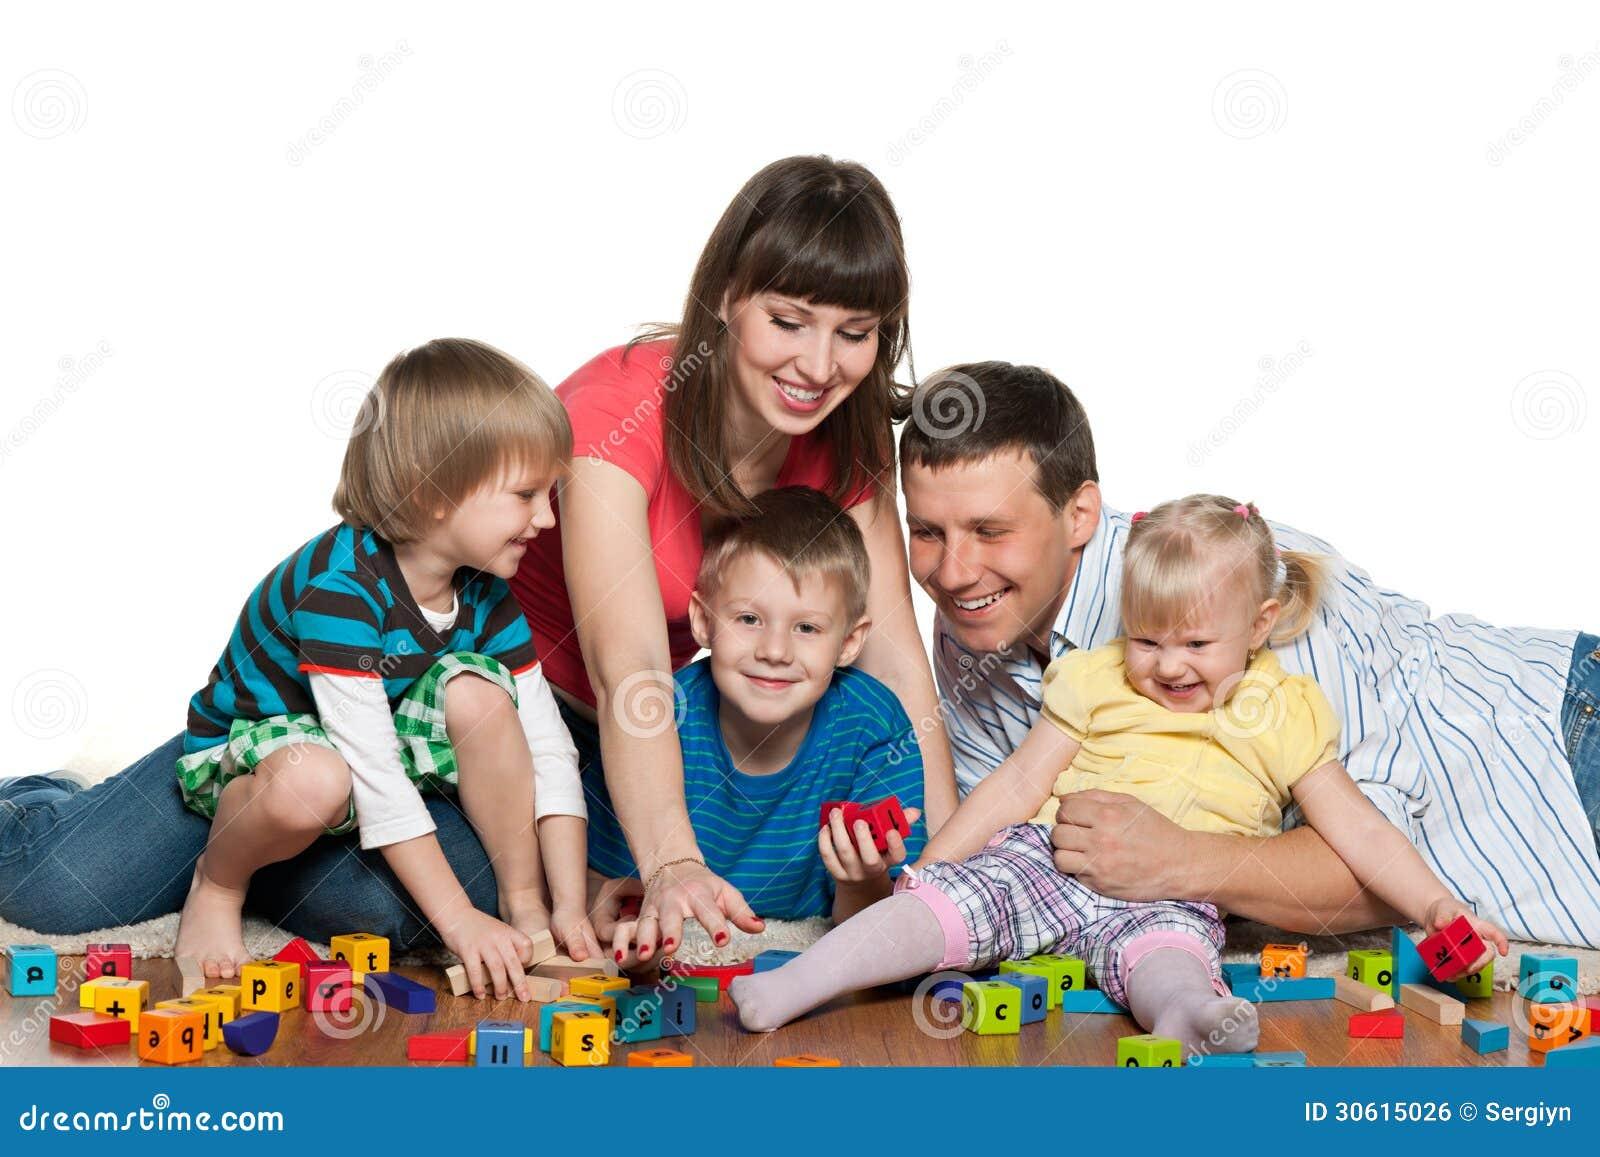 La familia est jugando con los ni os en el piso foto de - Alfombras para jugar ninos ...